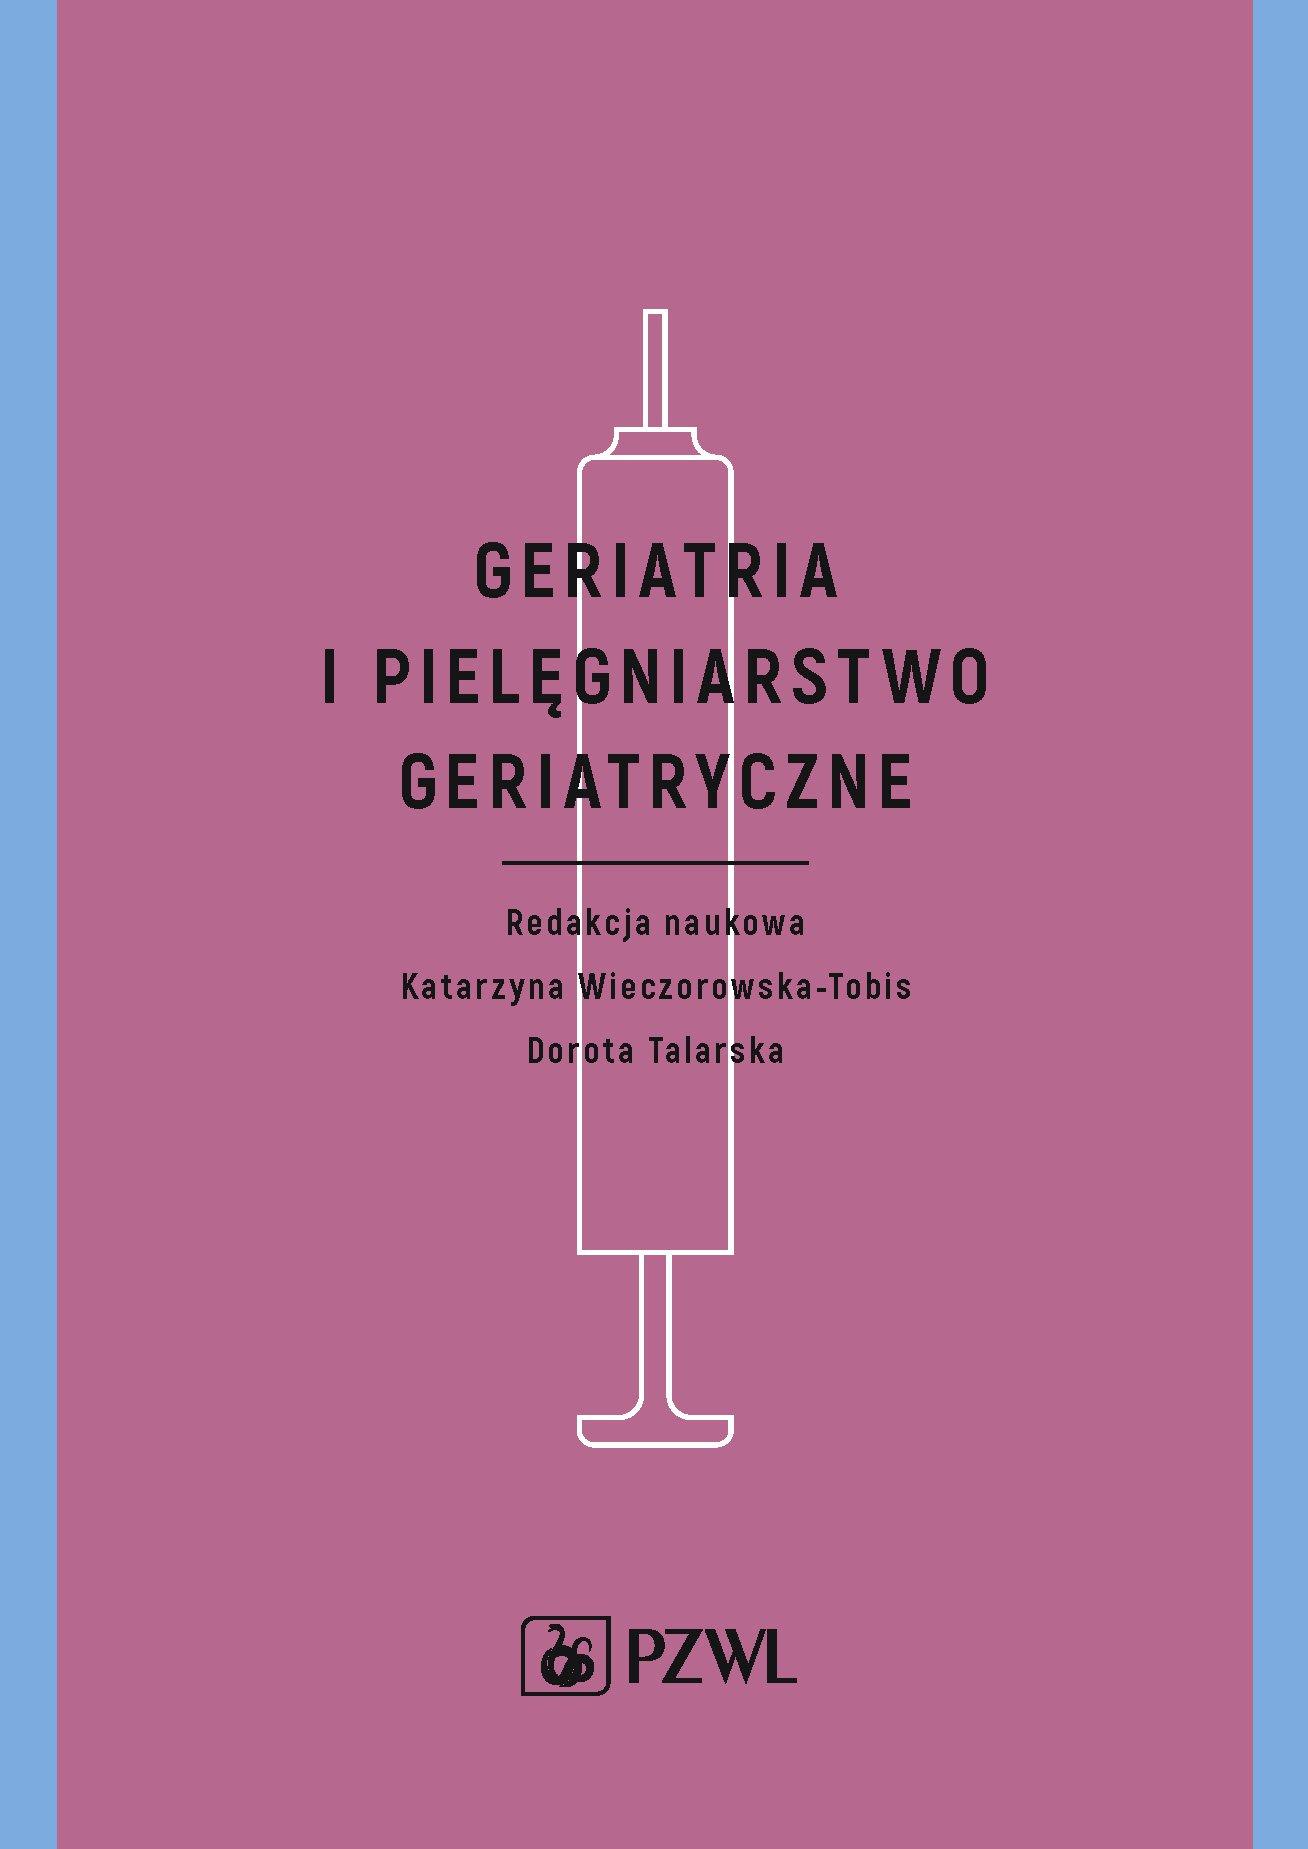 Geriatria i pielęgniarstwo geriatryczne - Ebook (Książka EPUB) do pobrania w formacie EPUB